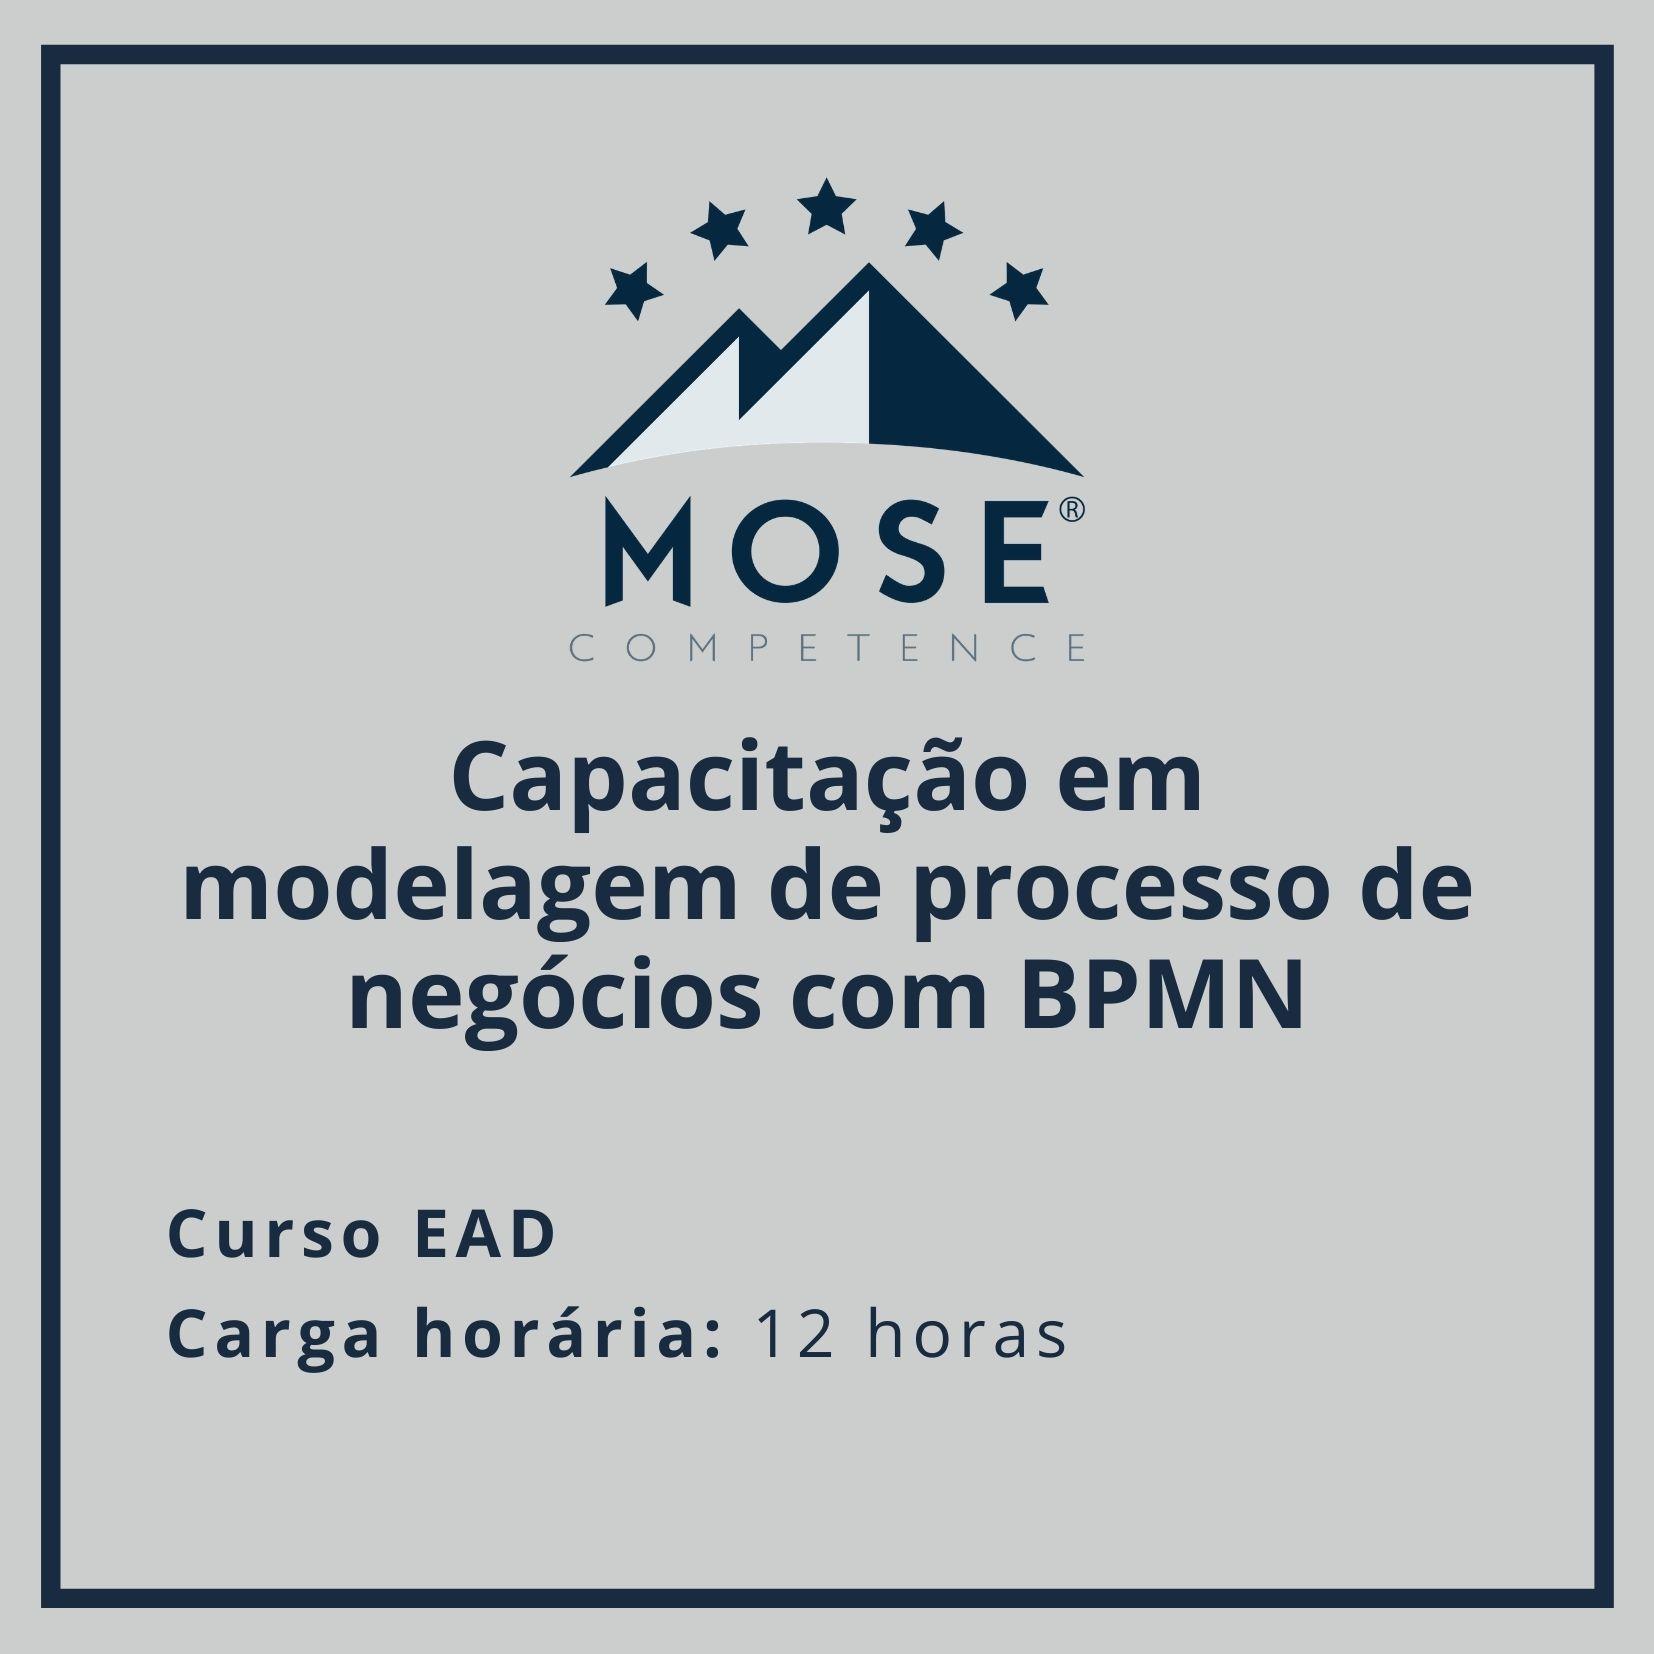 Capacitação em modelagem de processo de negócios com BPMN